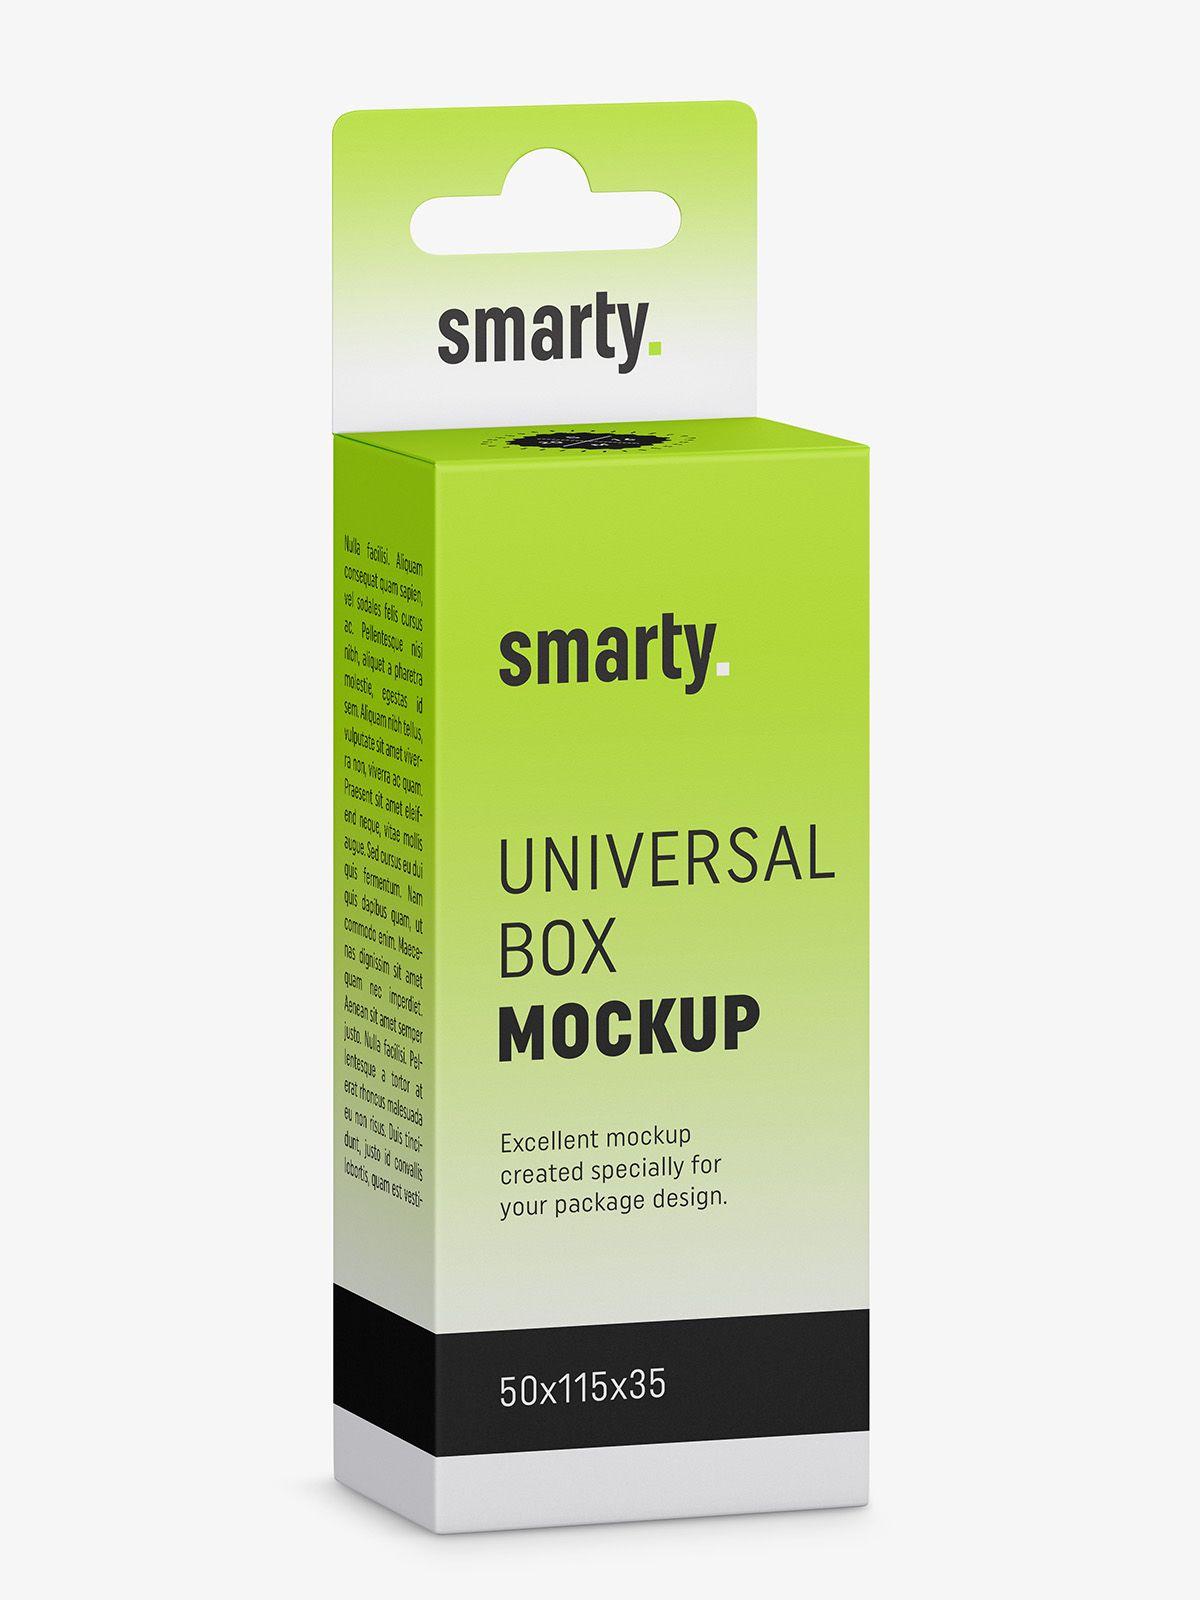 Download Hanging Box Mockup 50x115x35 Smarty Mockups Box Mockup Box Mockup